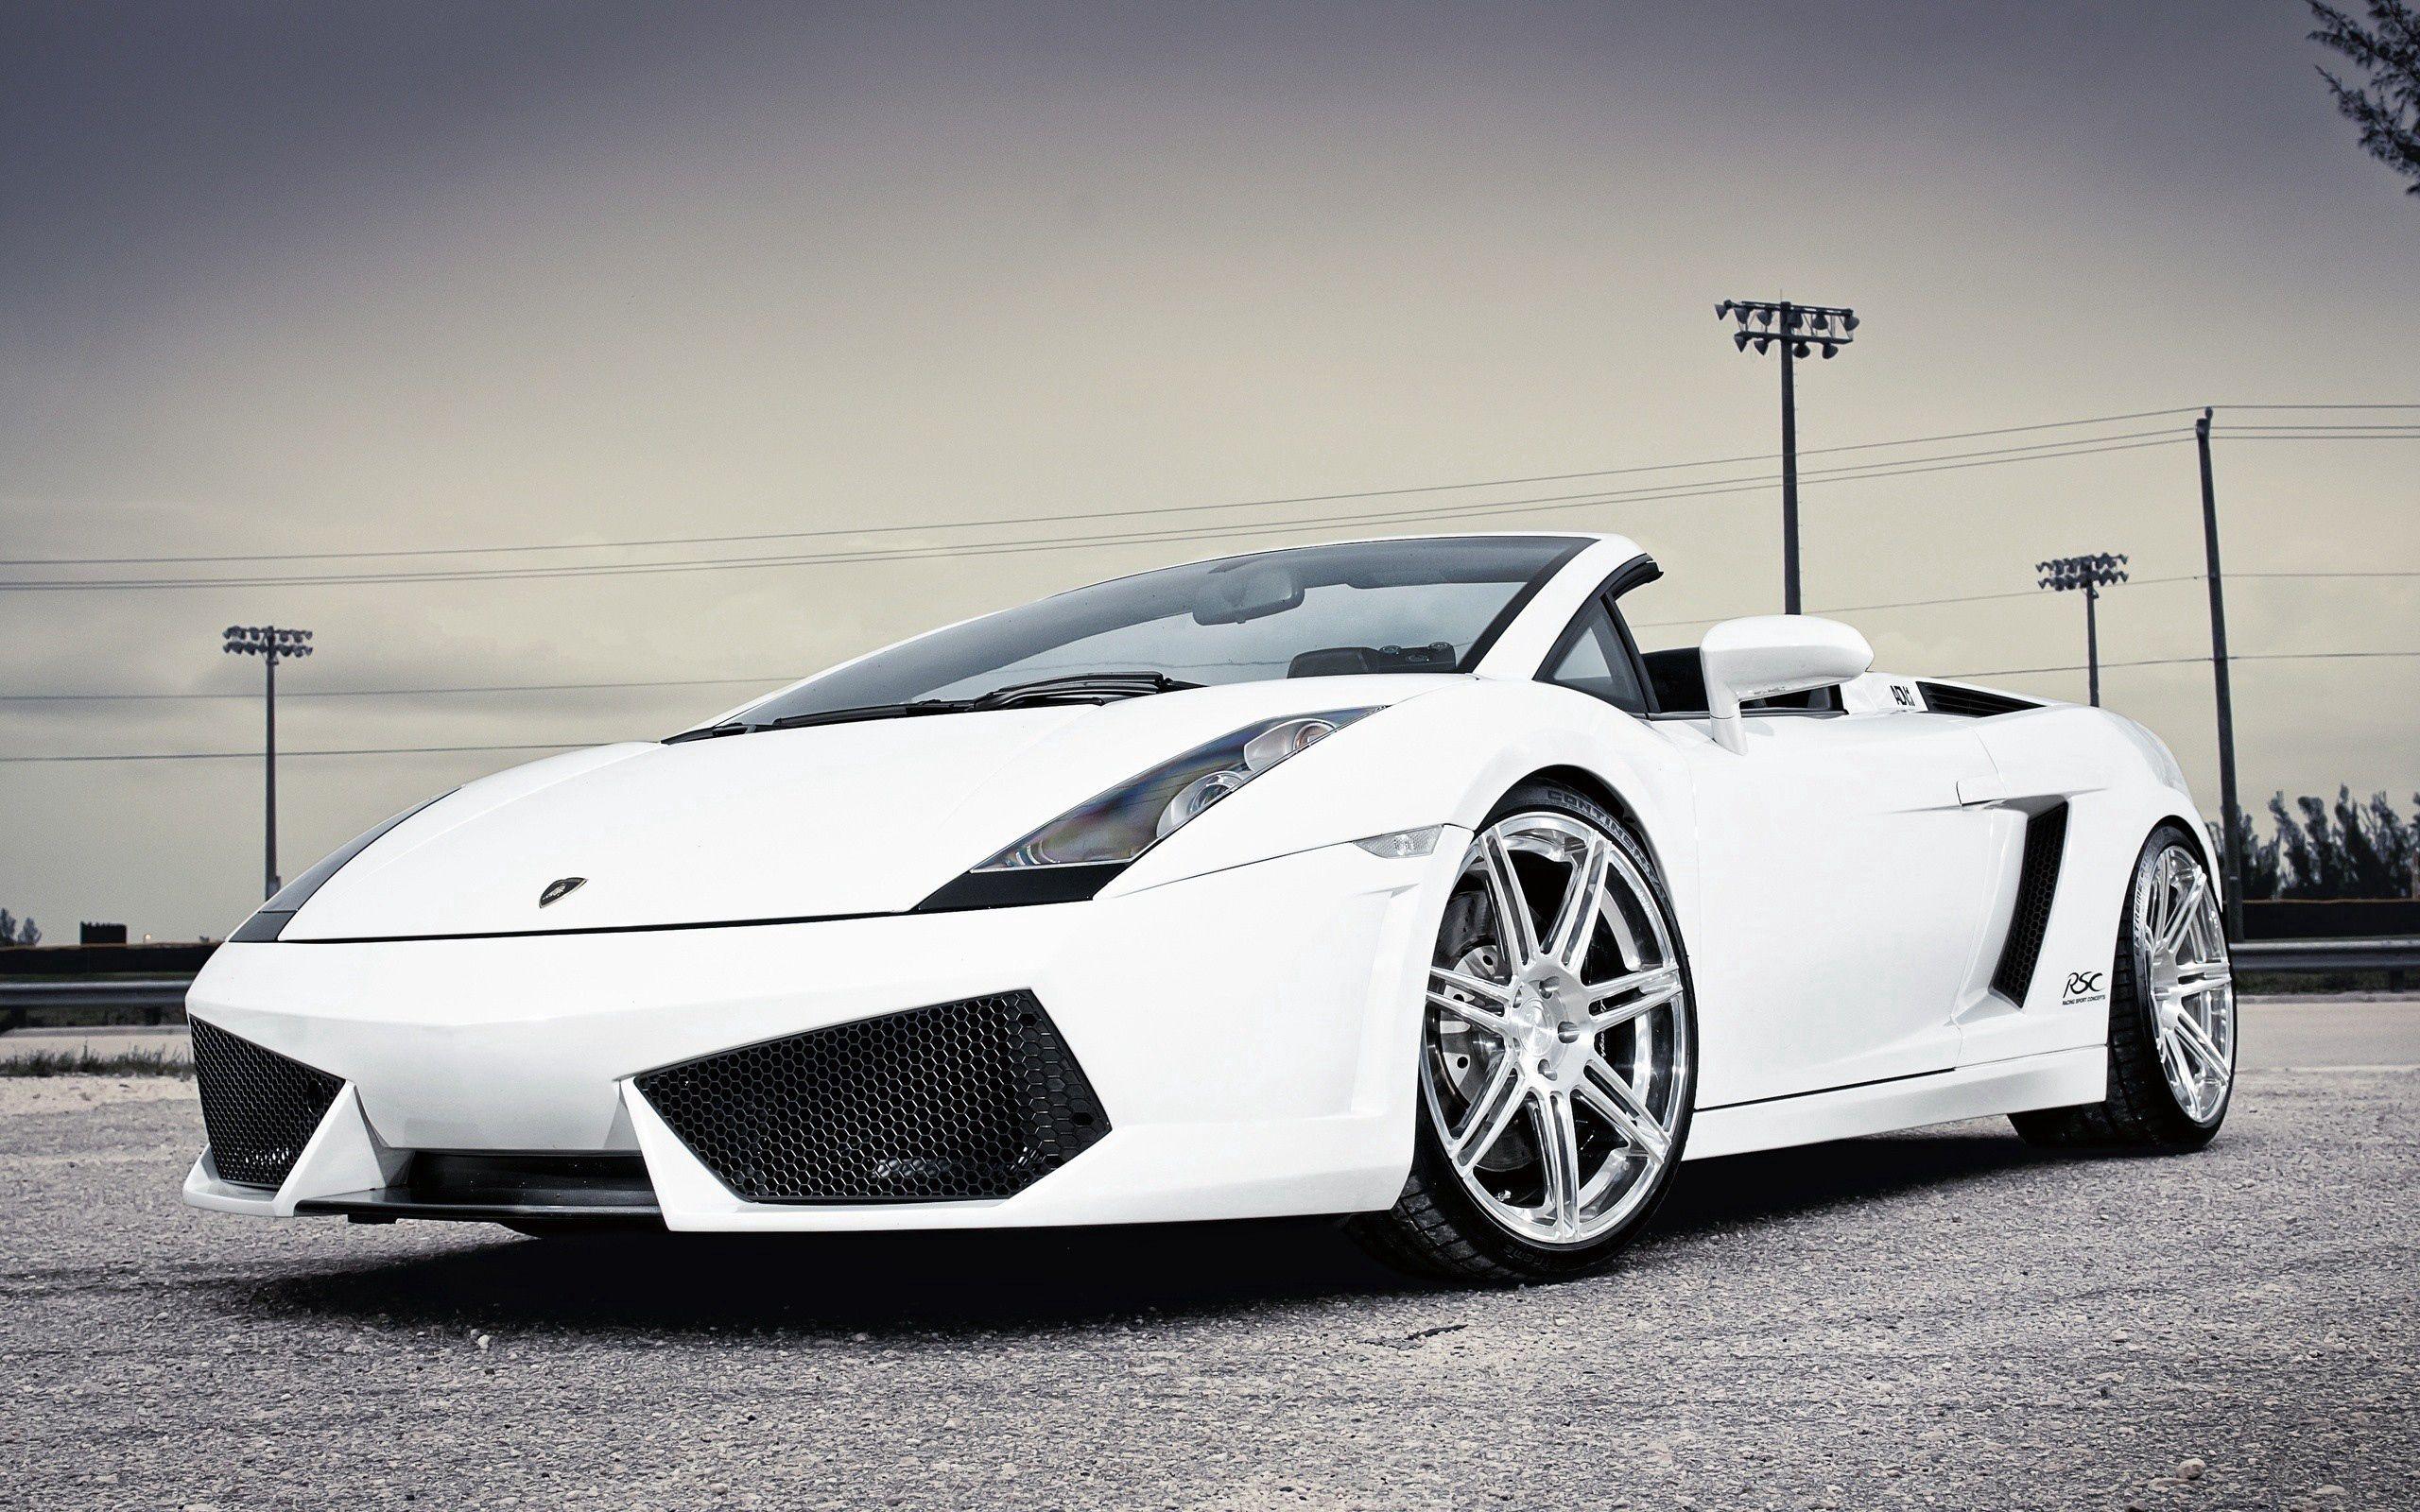 148318 descarga Blanco fondos de pantalla para tu teléfono gratis, Coches, Lamborghini Gallardo, Lamborghini, Automóvil Blanco imágenes y protectores de pantalla para tu teléfono